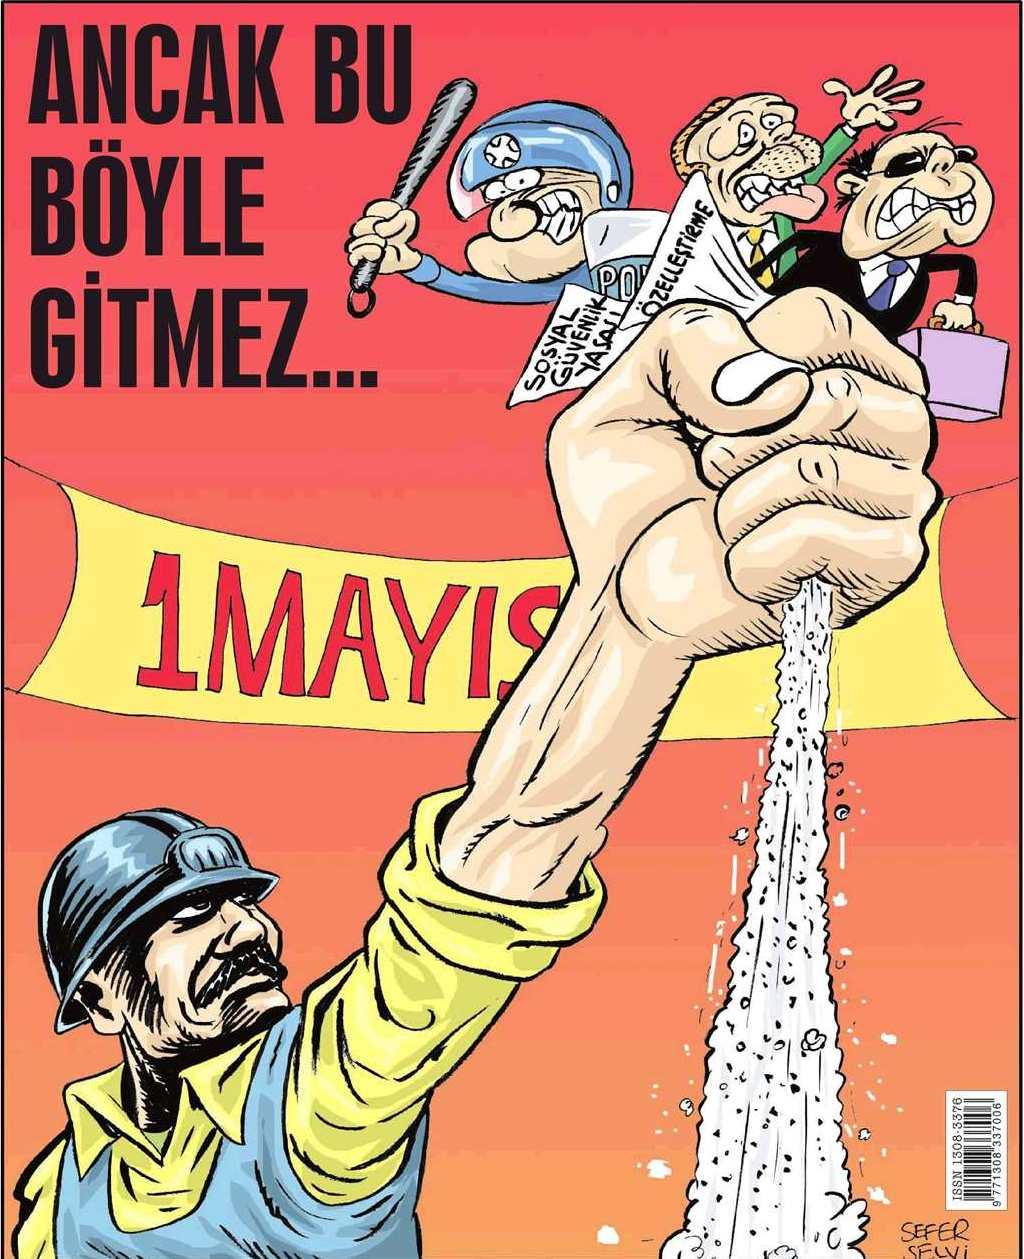 1mayis